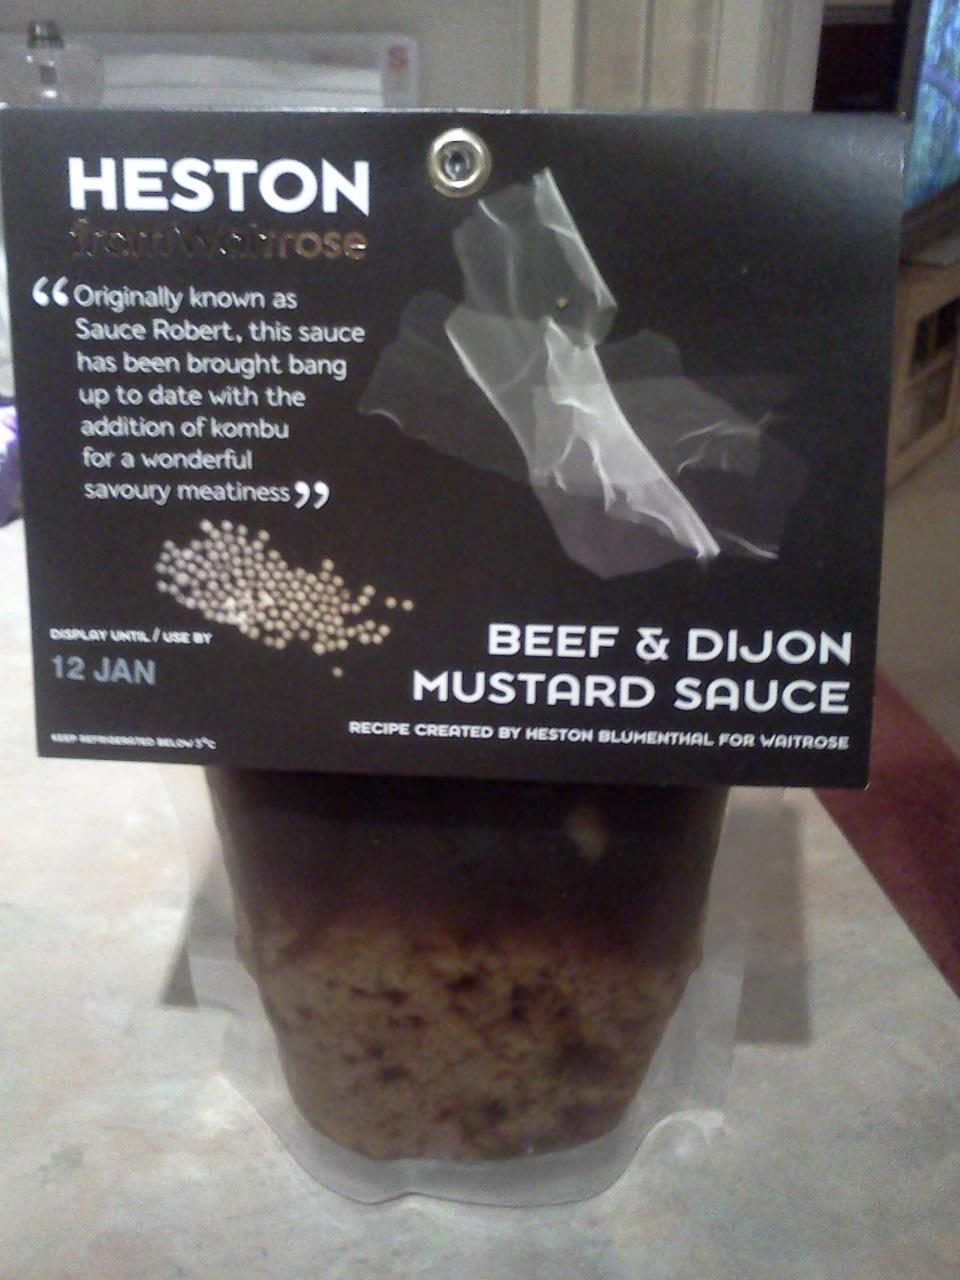 heston at waitrose beef and dijon mustard sauce